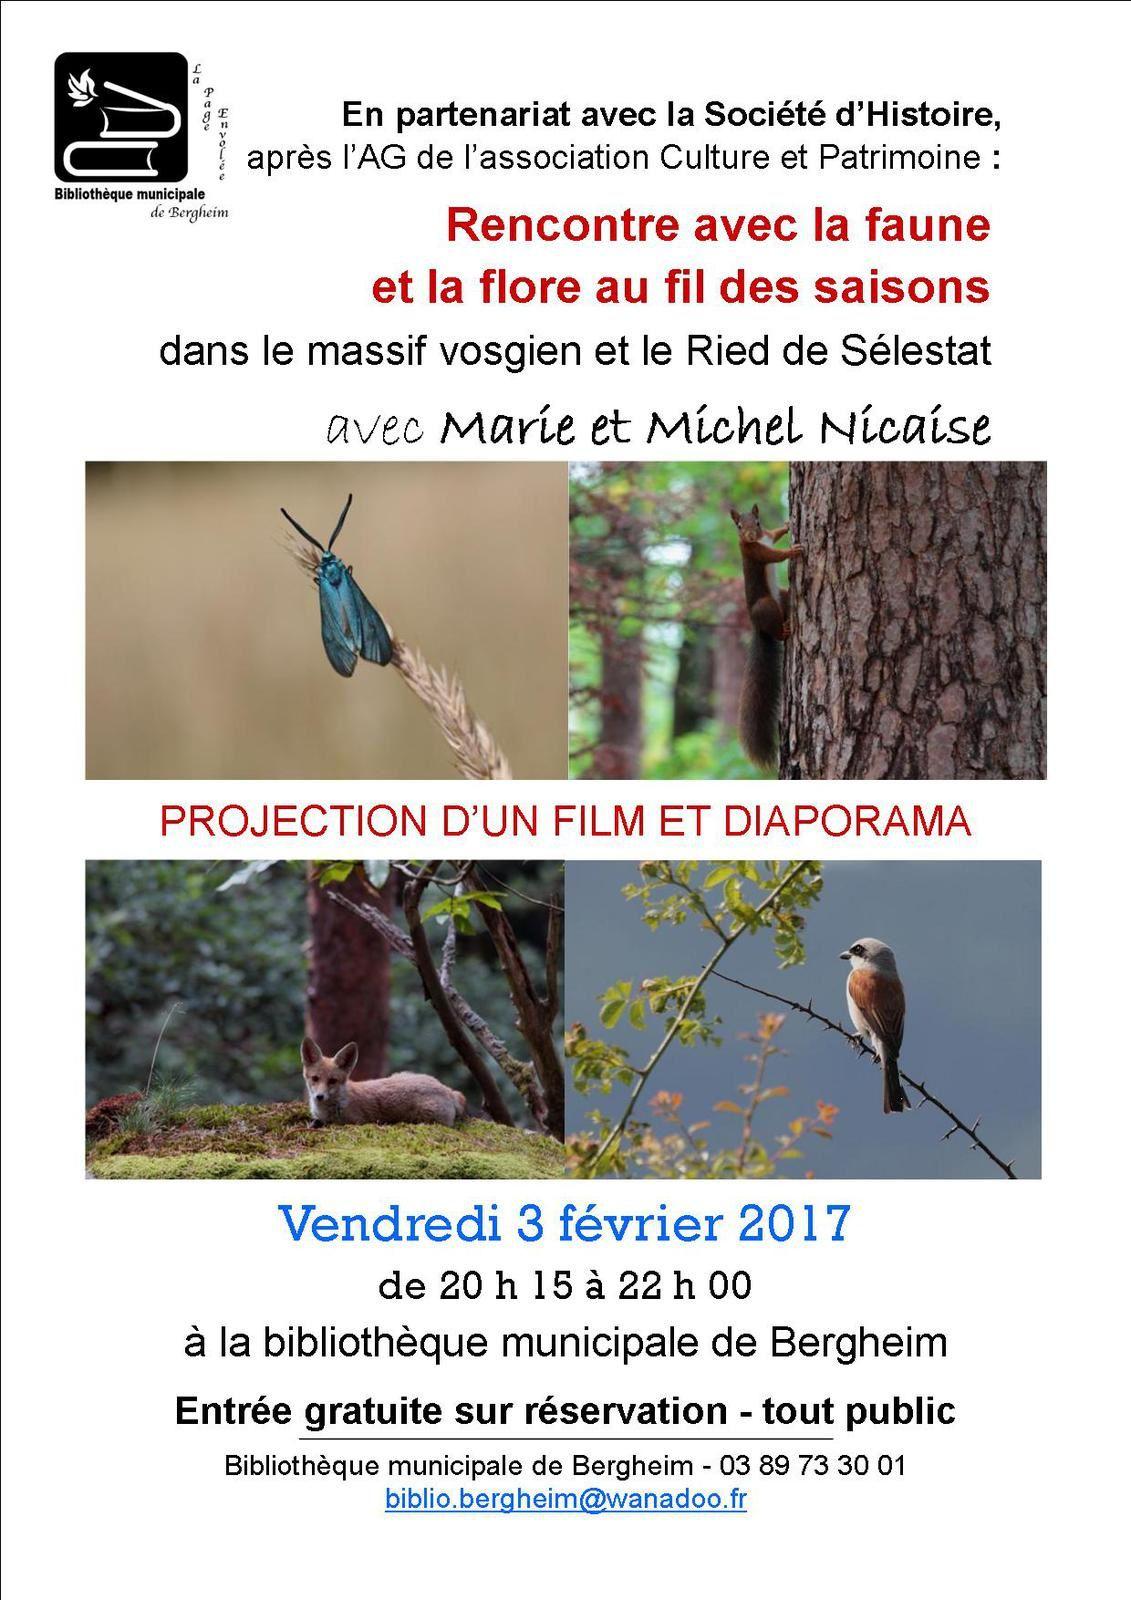 Rencontre avec la faune et la flore d'Alsace